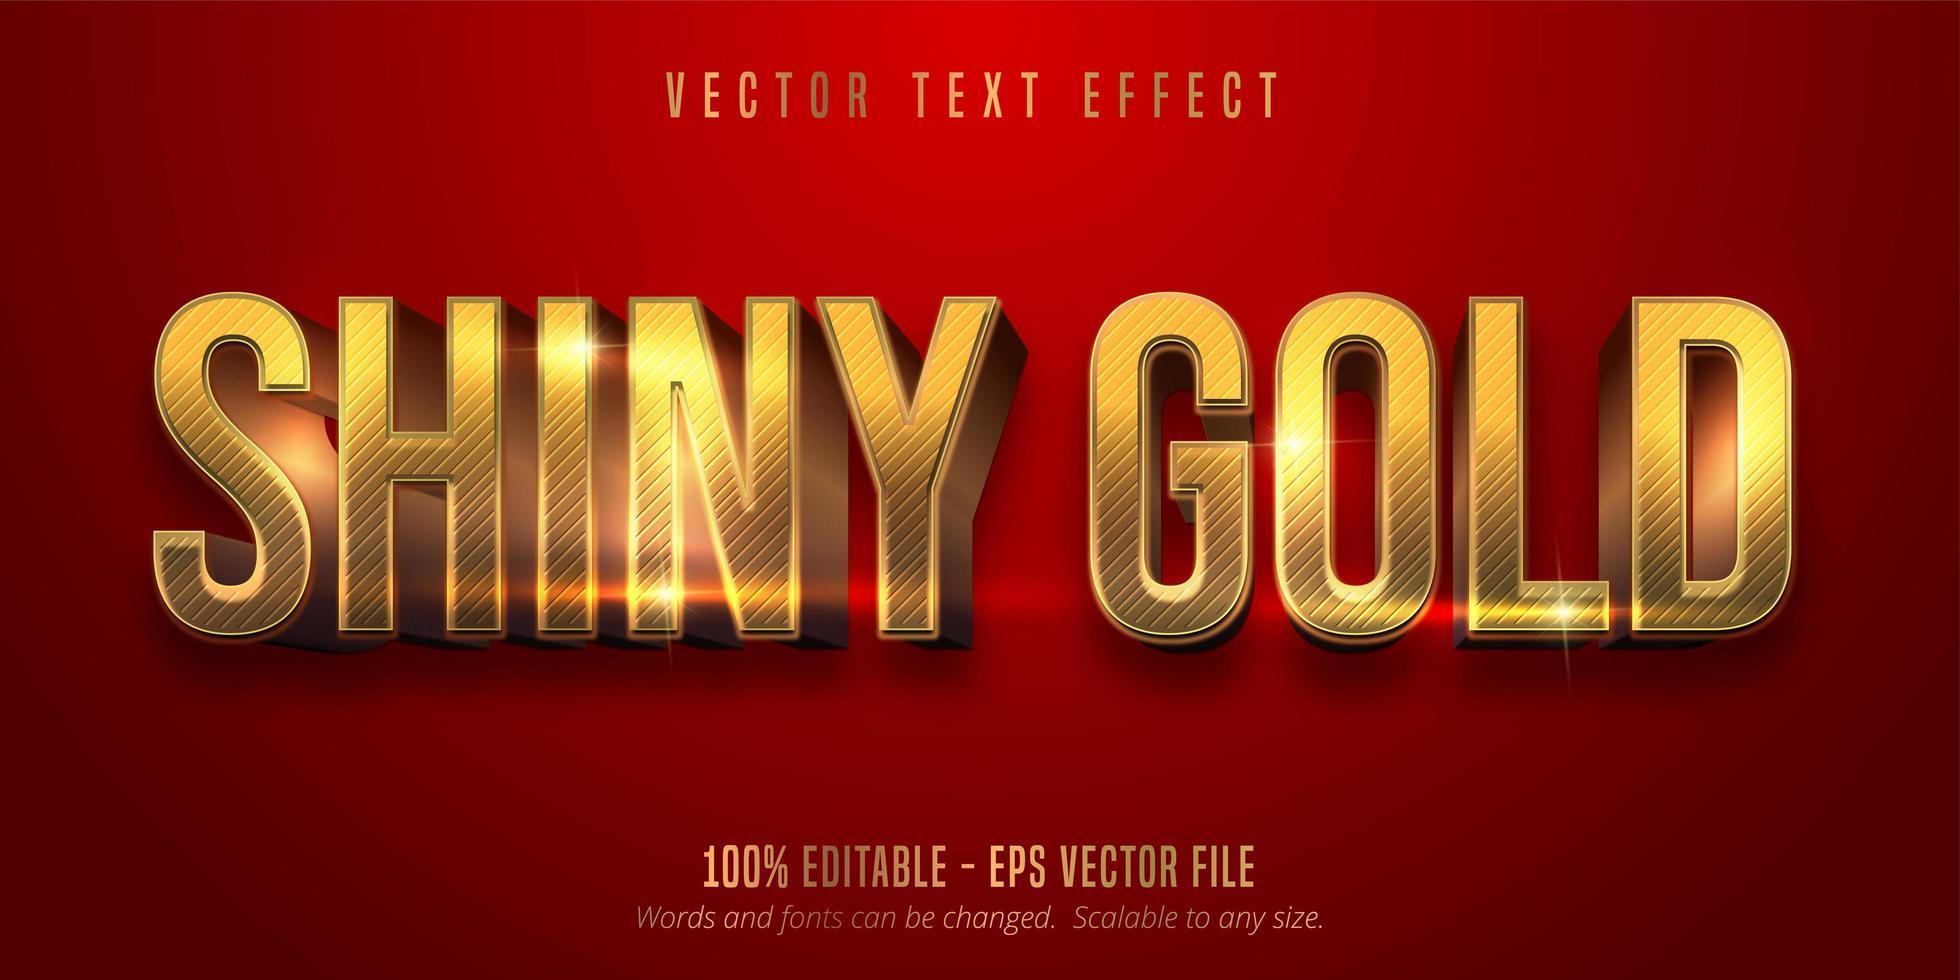 rode kleur en glanzende gouden stijl bewerkbare tekst vector